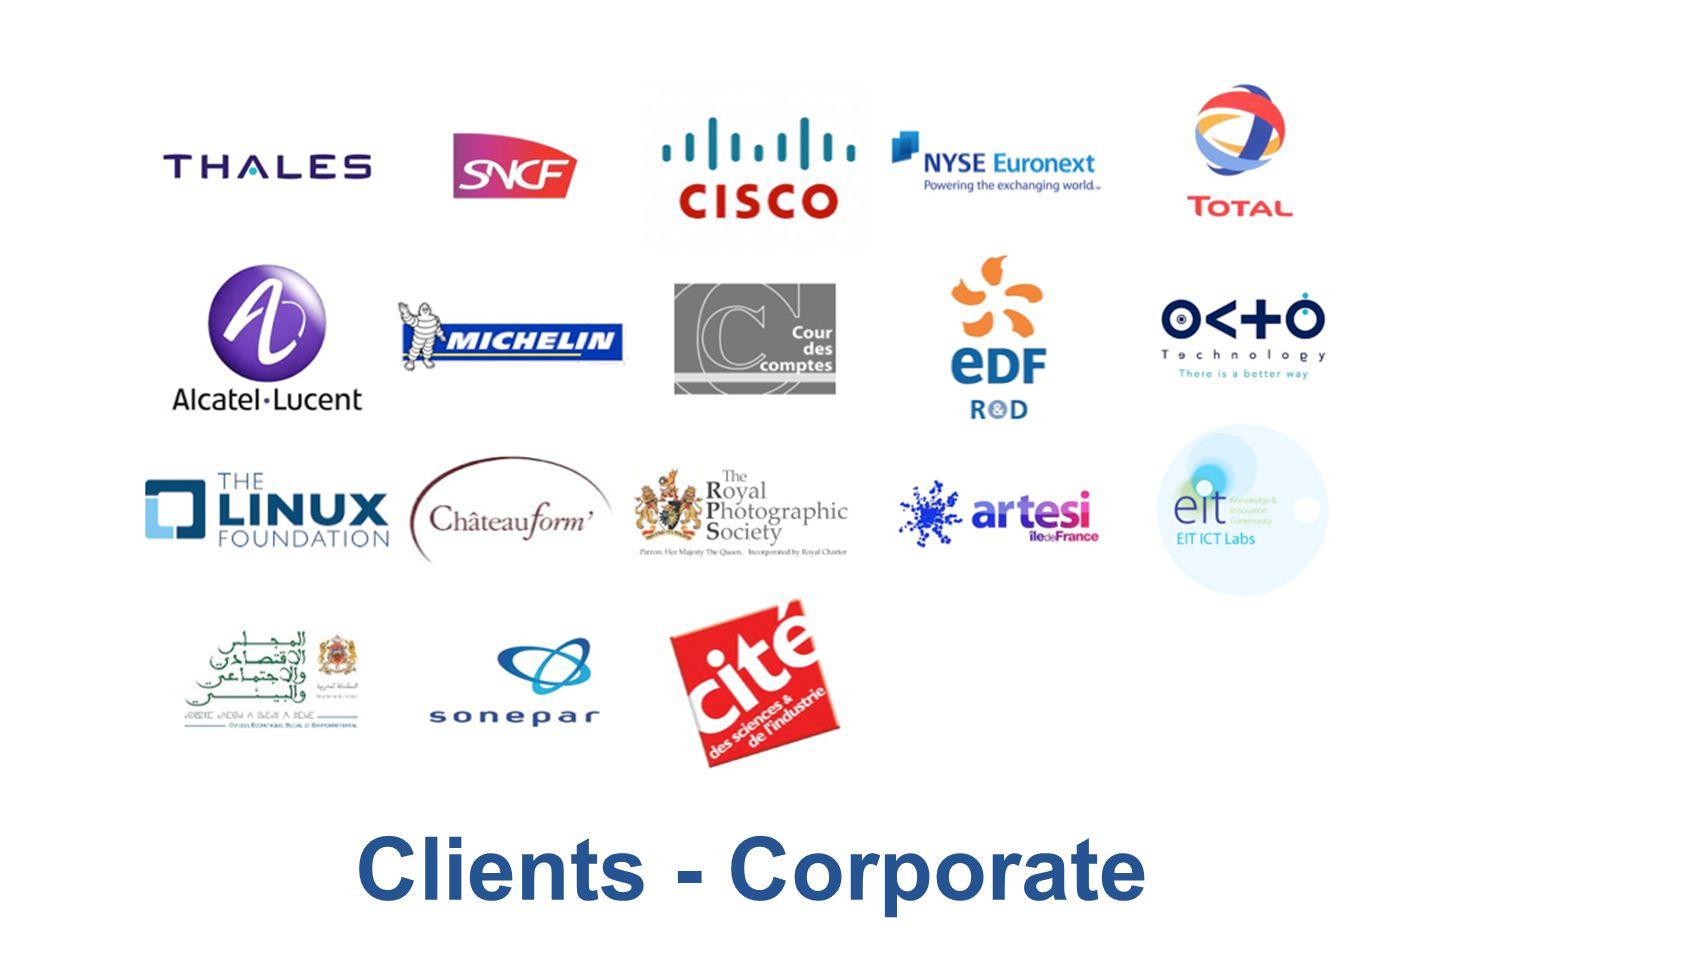 Clients - Education